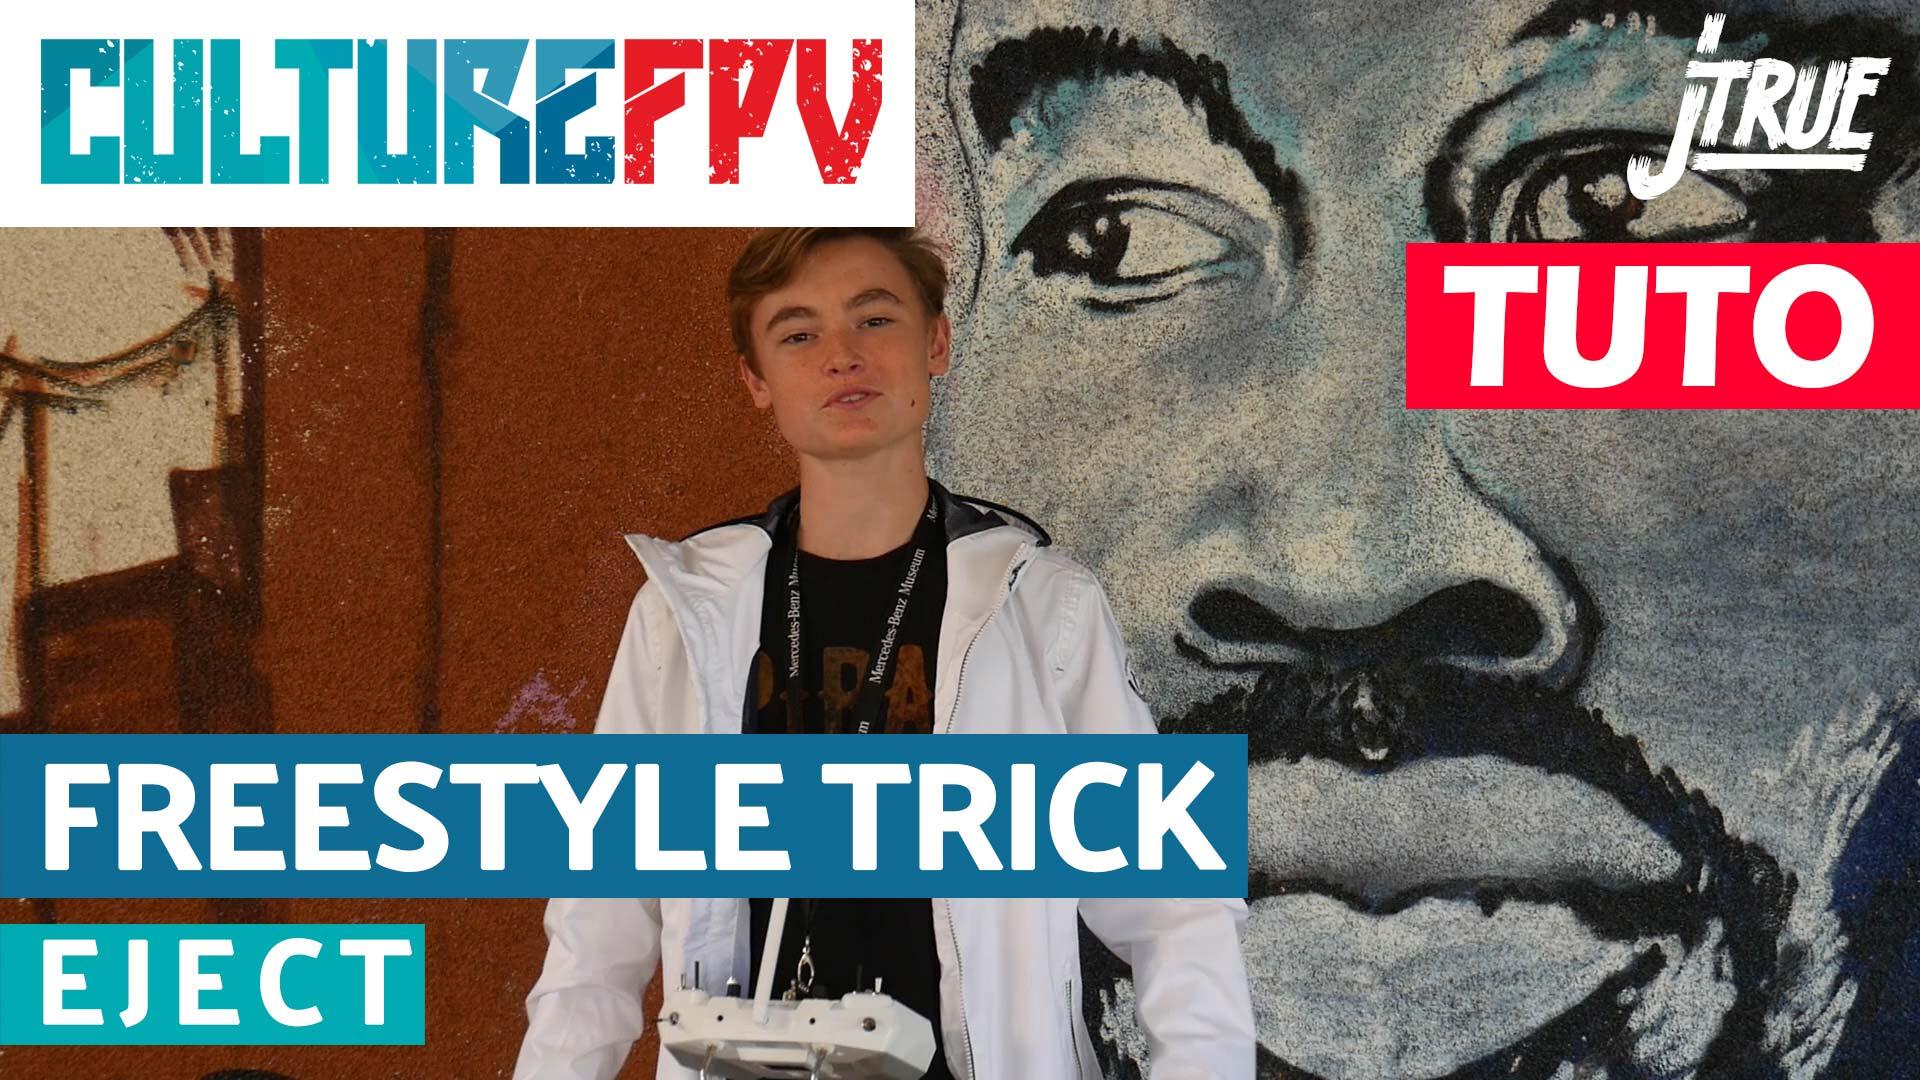 Apprendre le Freestyle avec J-True FPV - Eject